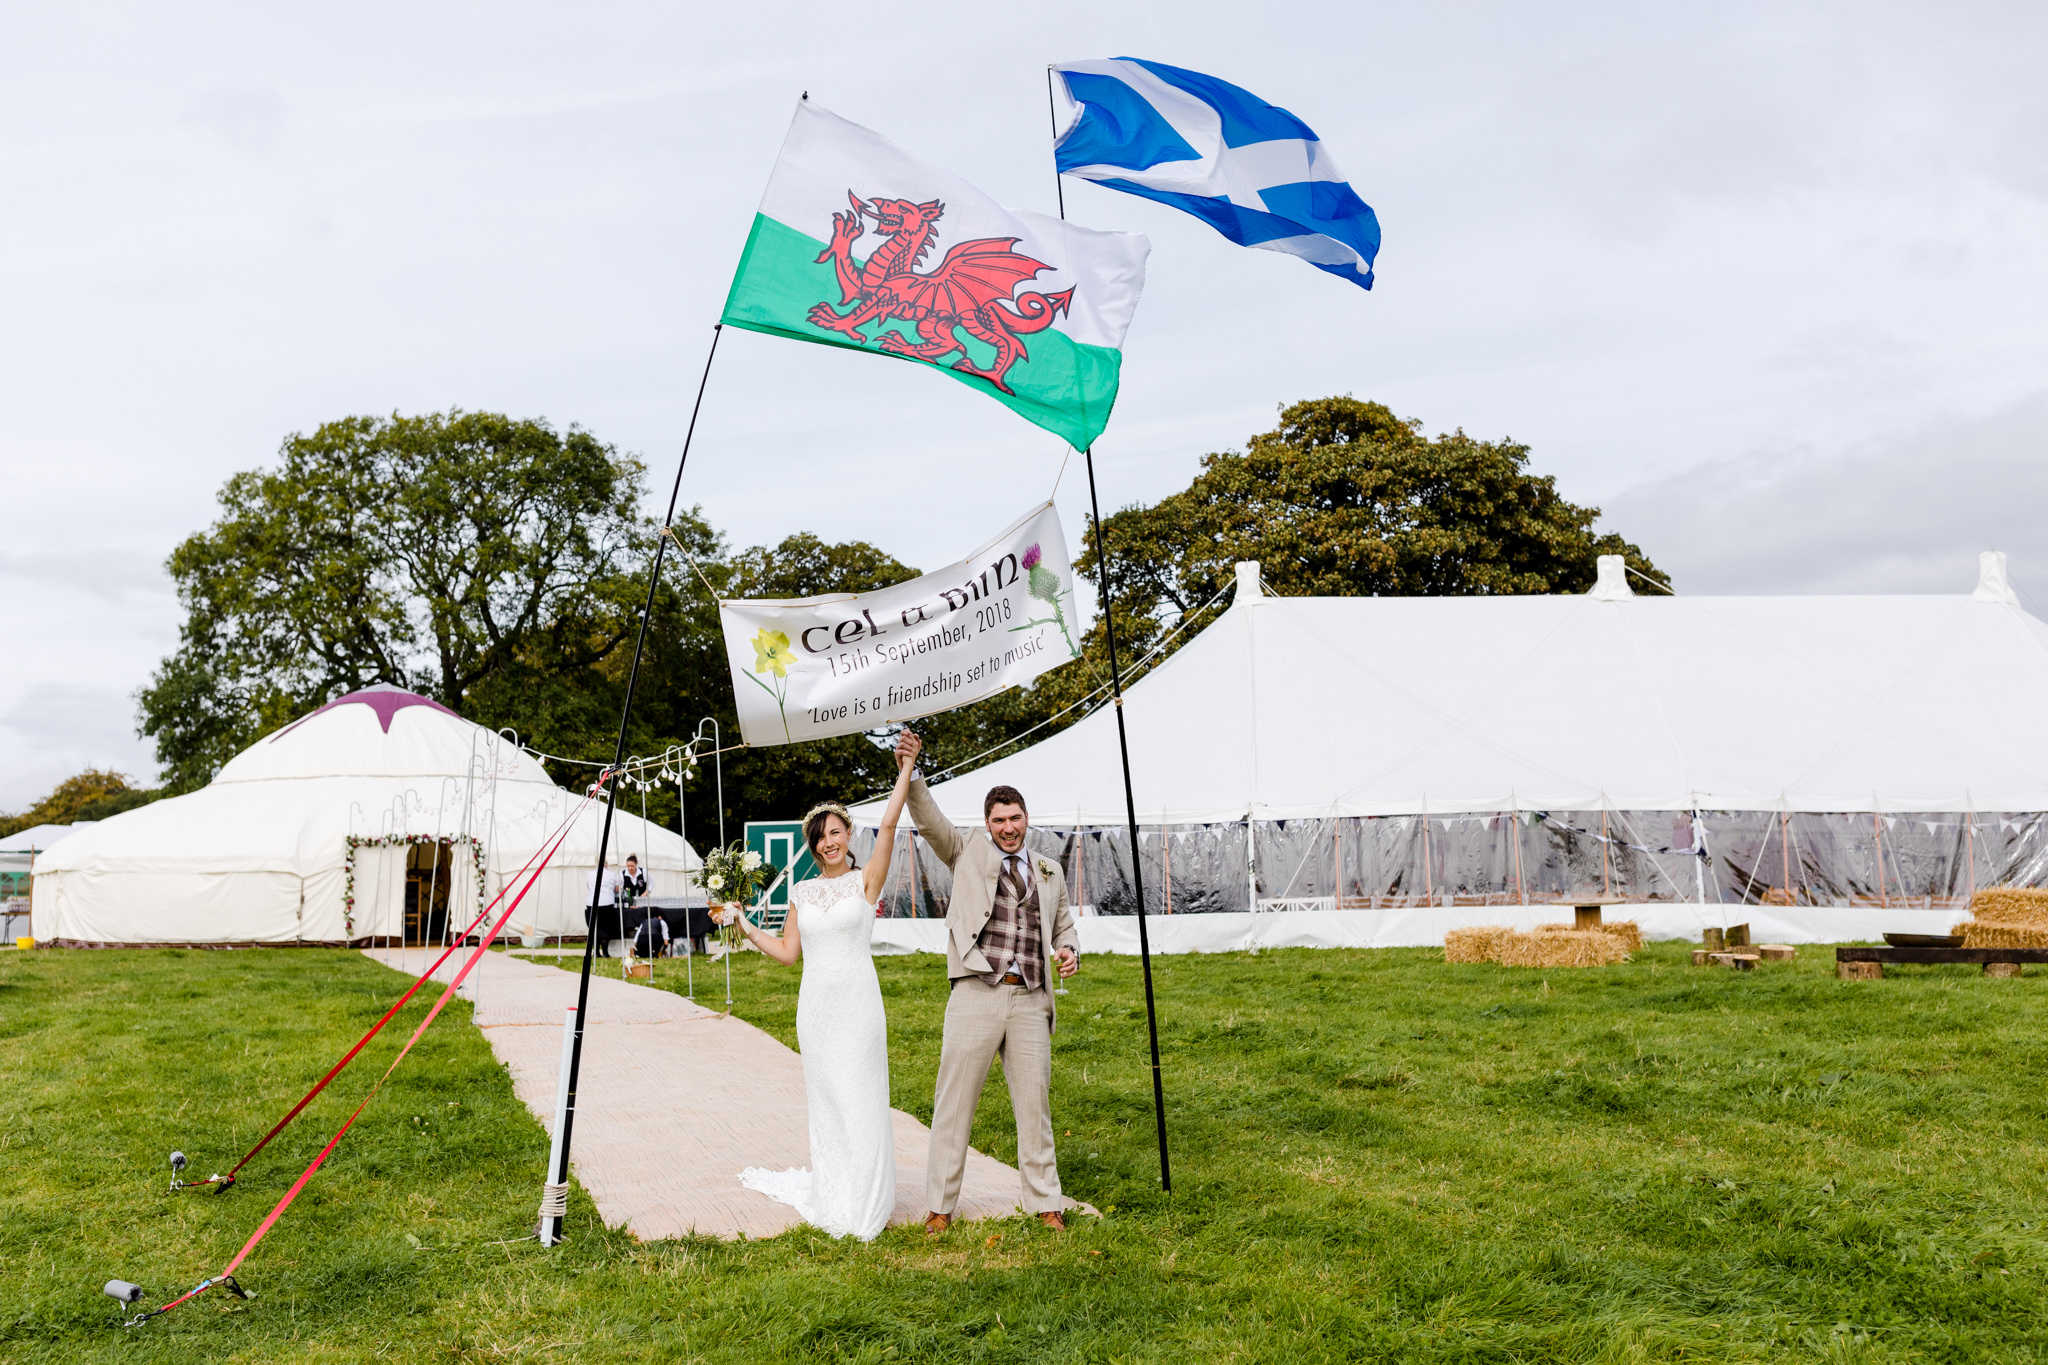 wedding festival wales